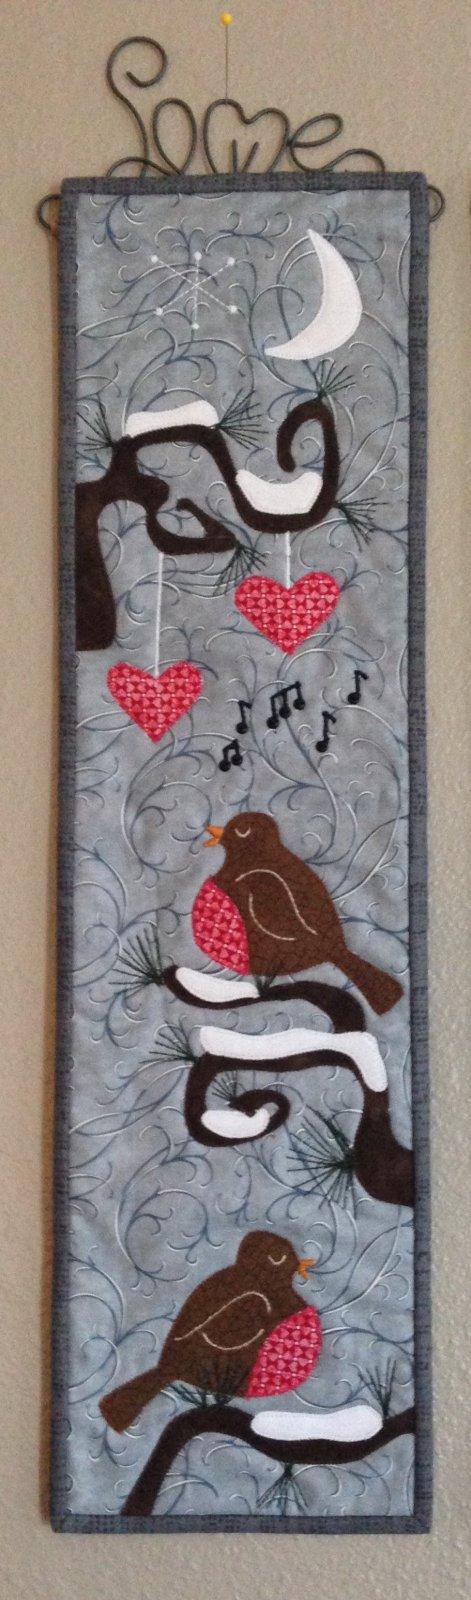 MM#11 Feb Tweet Hearts